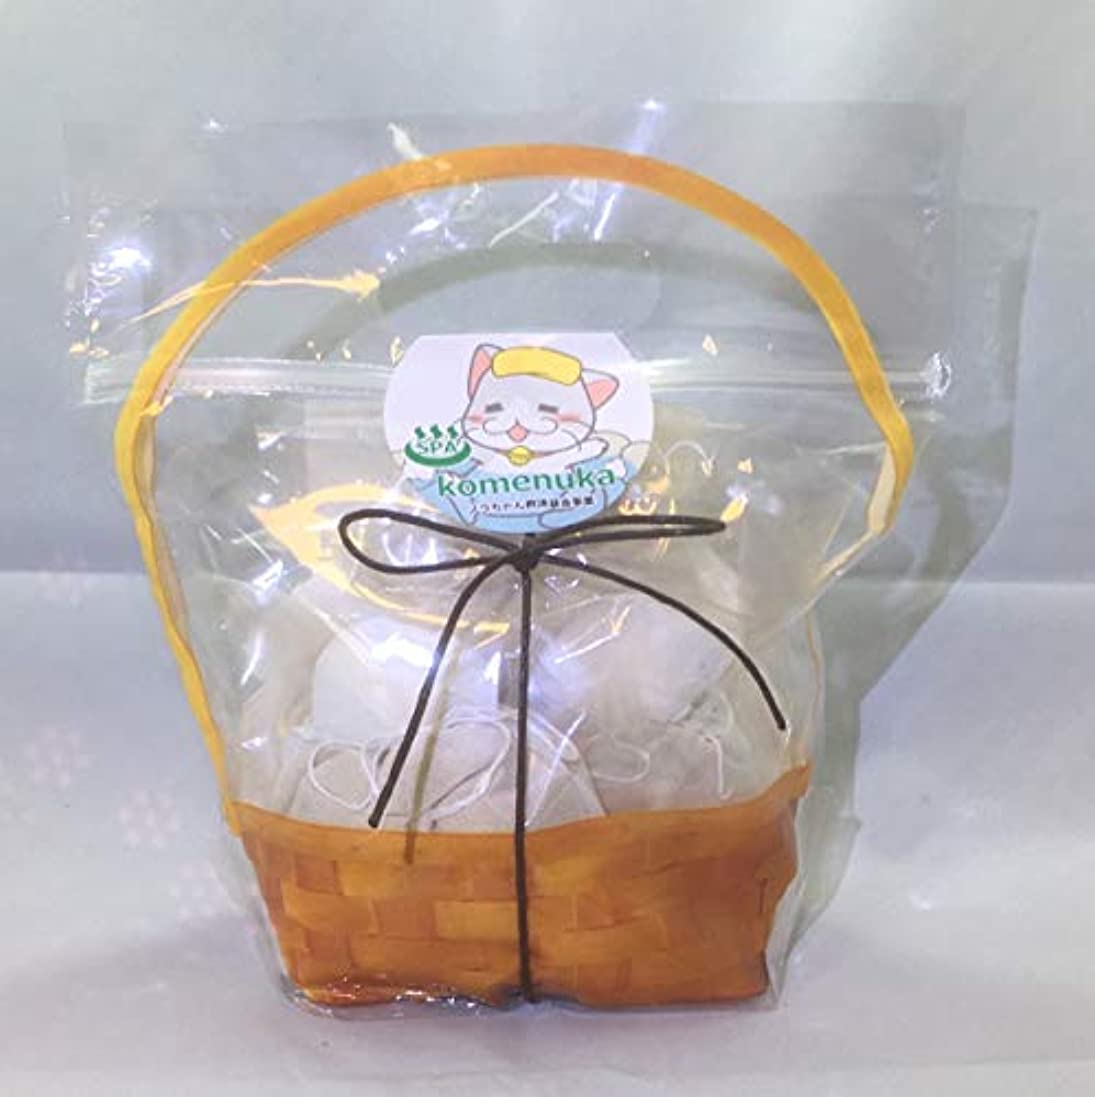 復讐武器こんにちは【ジロちゃんの米ぬかSPA】米ぬか入浴剤 有機栽培米ぬか100%ぬか袋 米ぬか入浴剤 無添加 個別包装